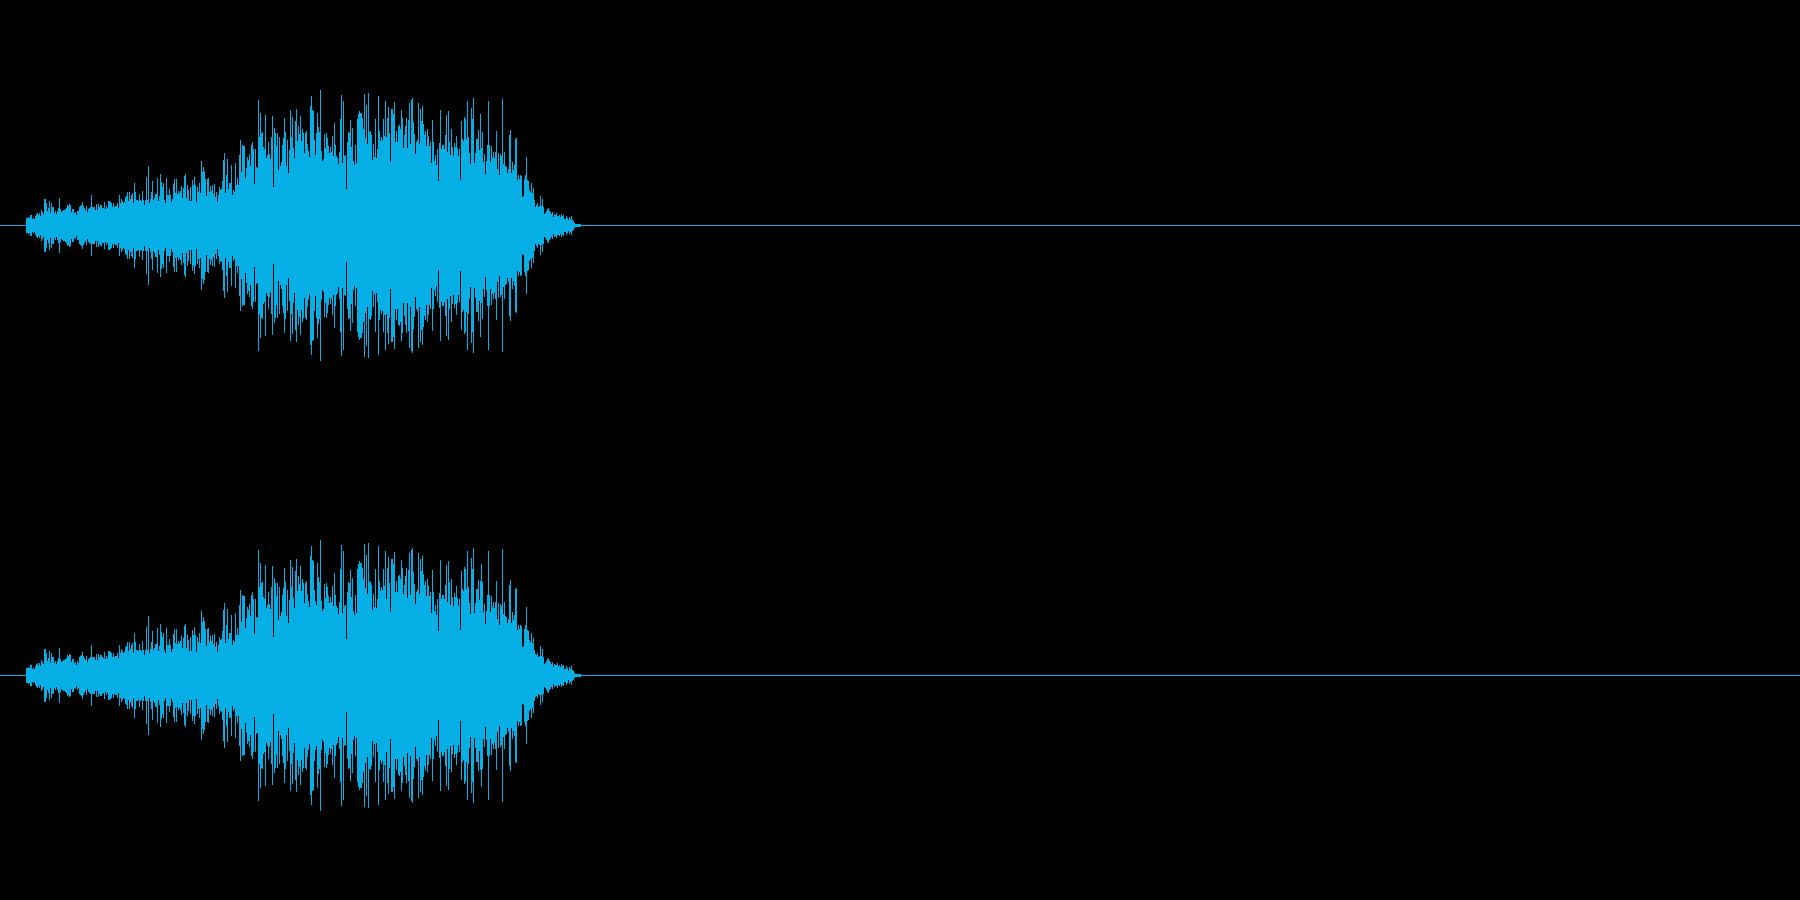 【生音】びりー。A4コピー用紙を破る音の再生済みの波形